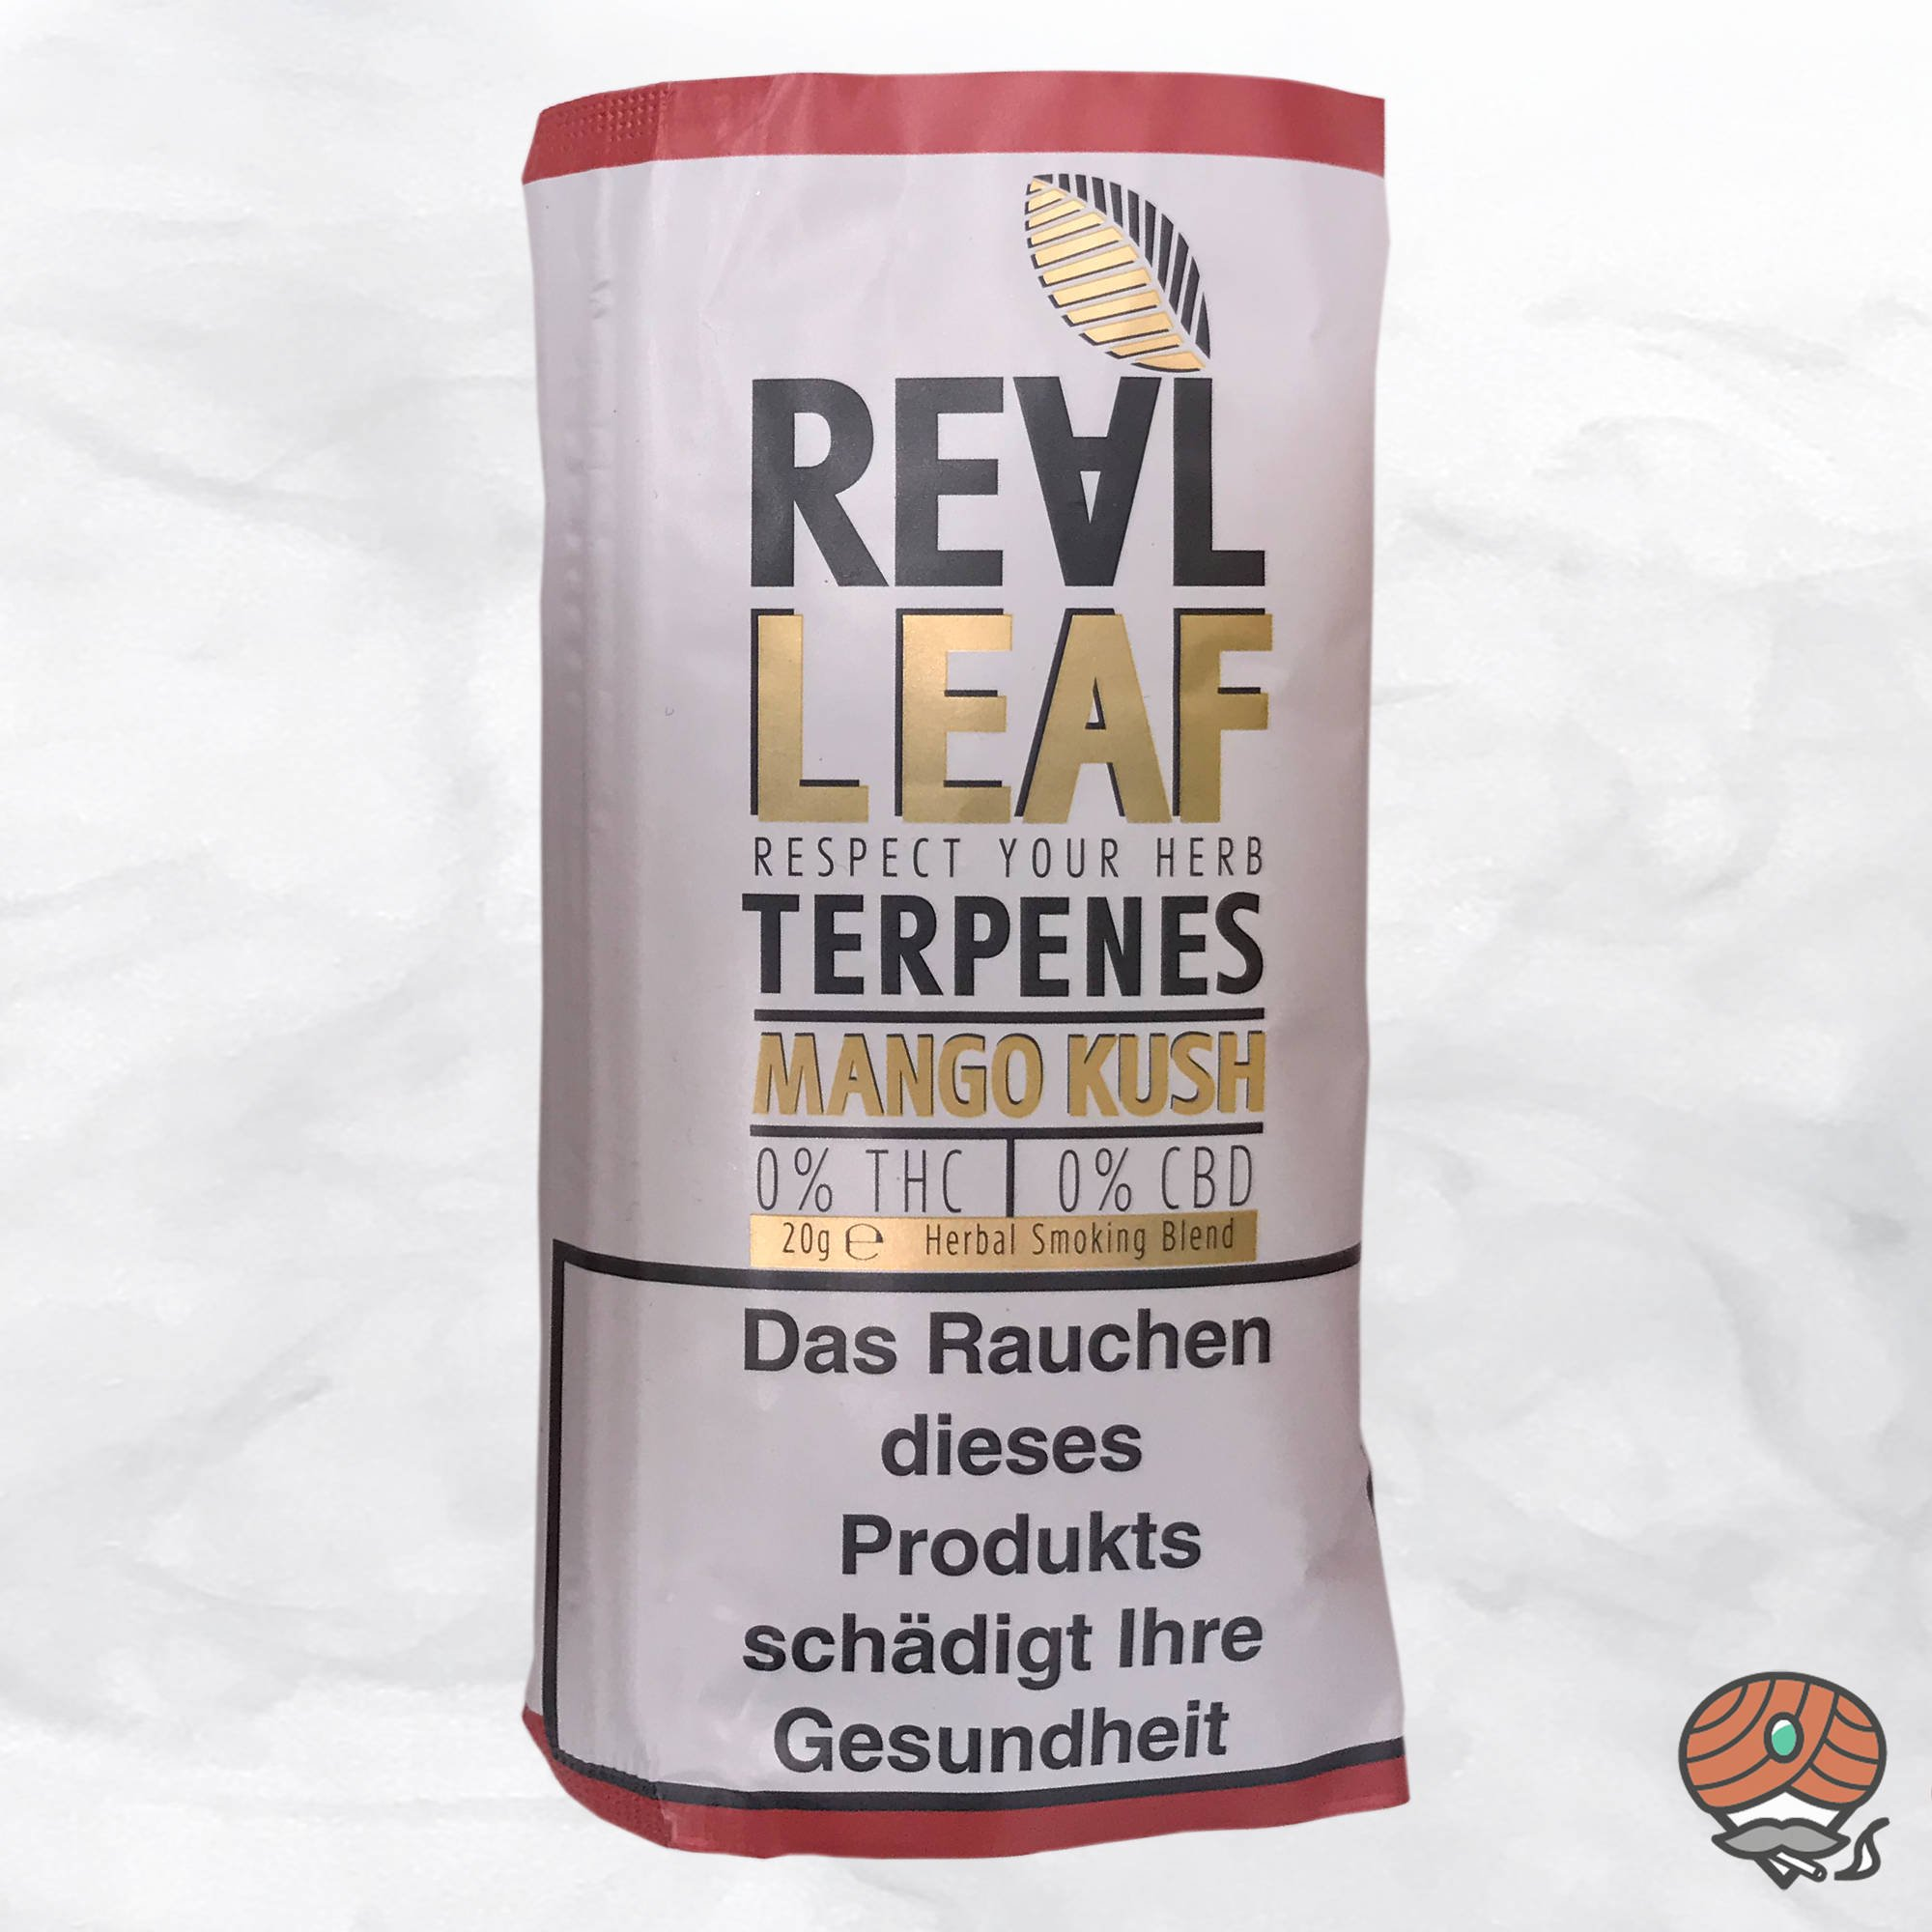 Real Leaf Mango Kush, Tabakersatz, nikotinfrei, Kräutermischung 20g